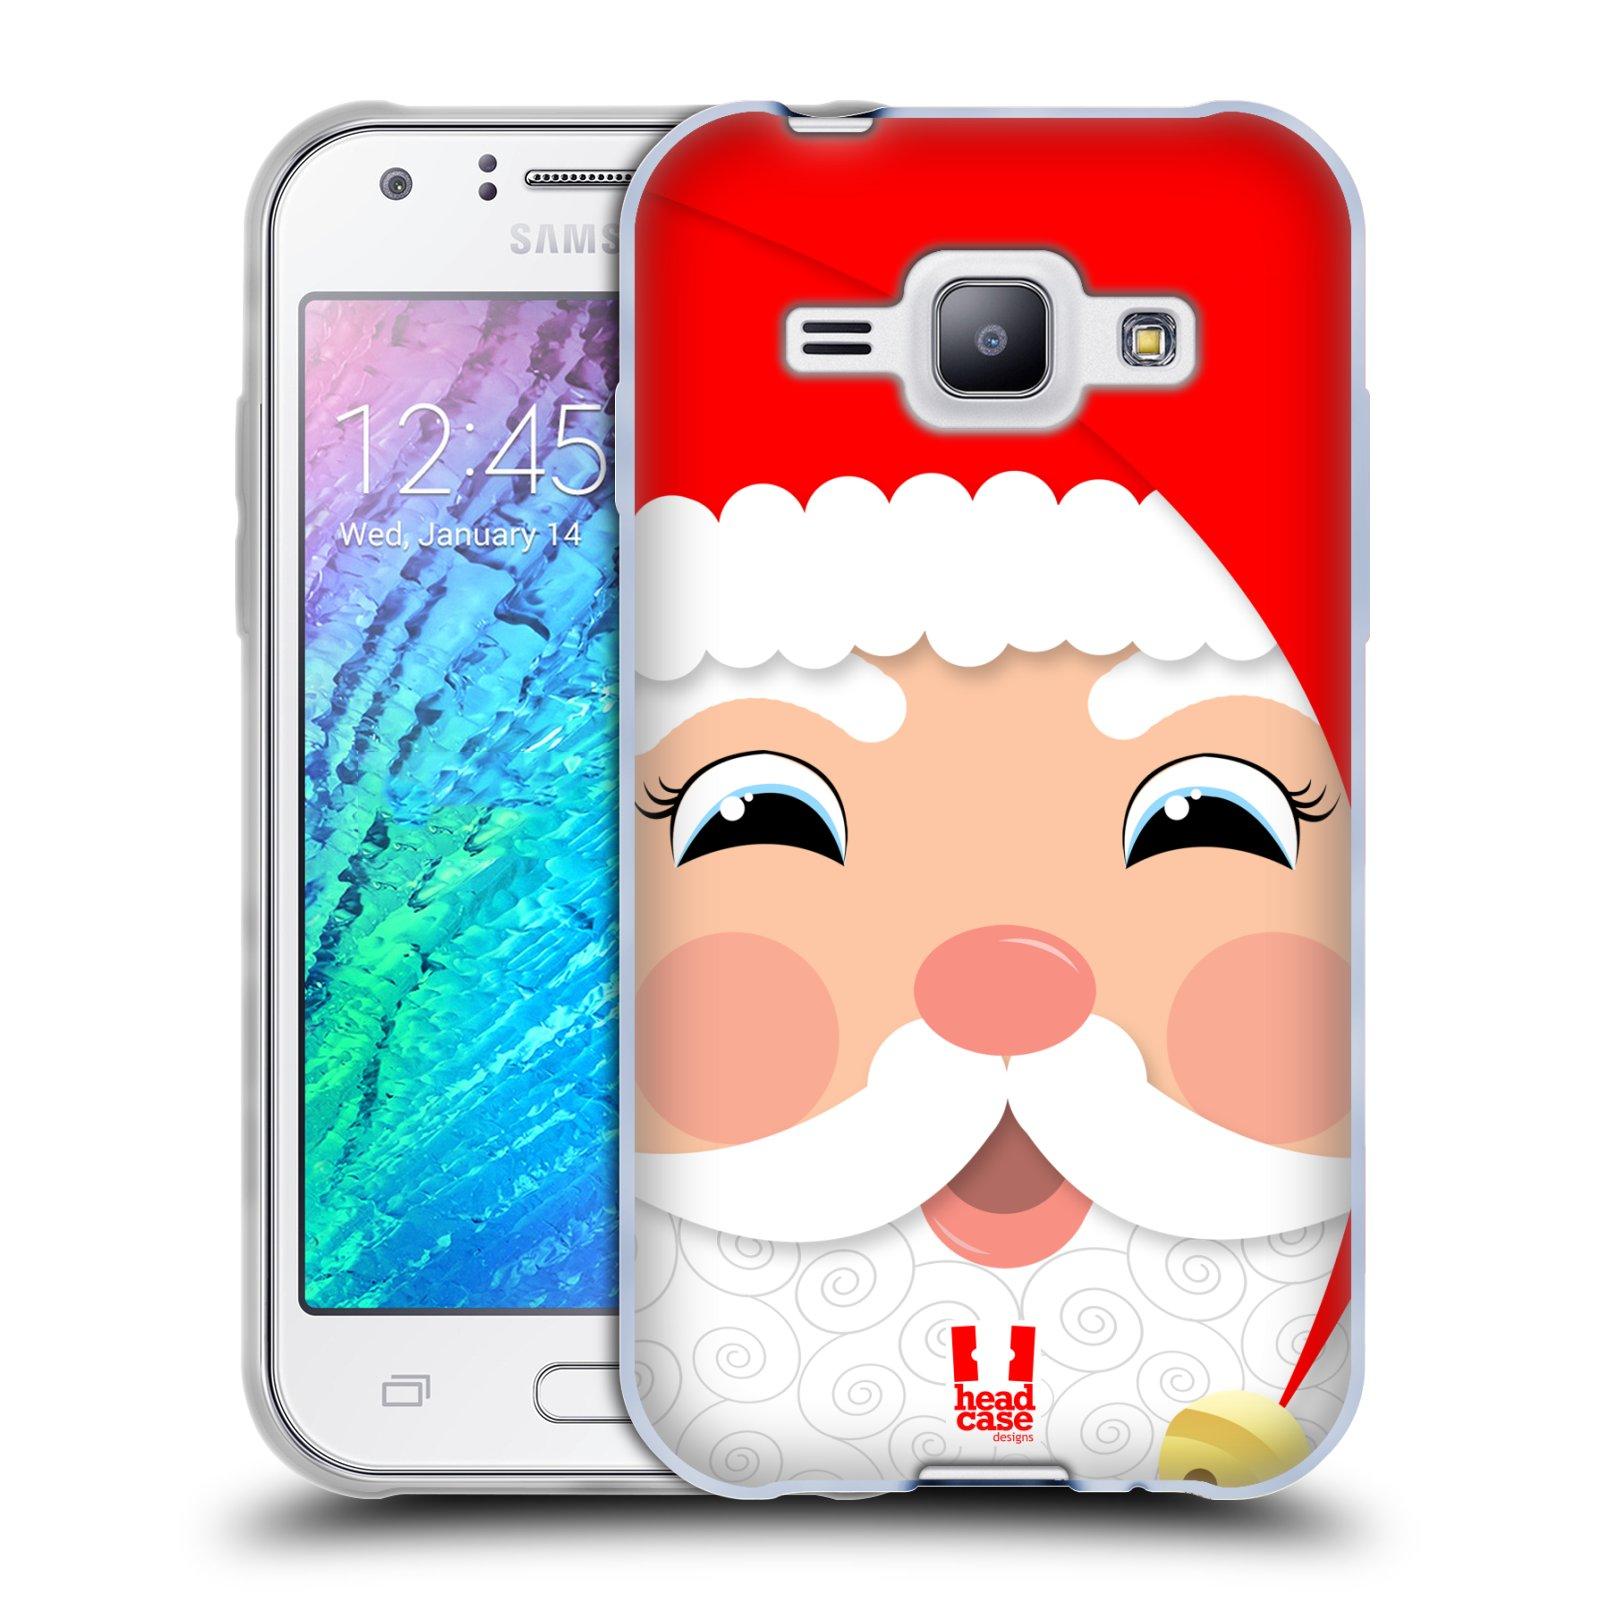 Silikonové pouzdro na mobil Samsung Galaxy J1 HEAD CASE VÁNOCE SANTA (Silikonový kryt či obal na mobilní telefon Samsung Galaxy J1 a J1 Duos)